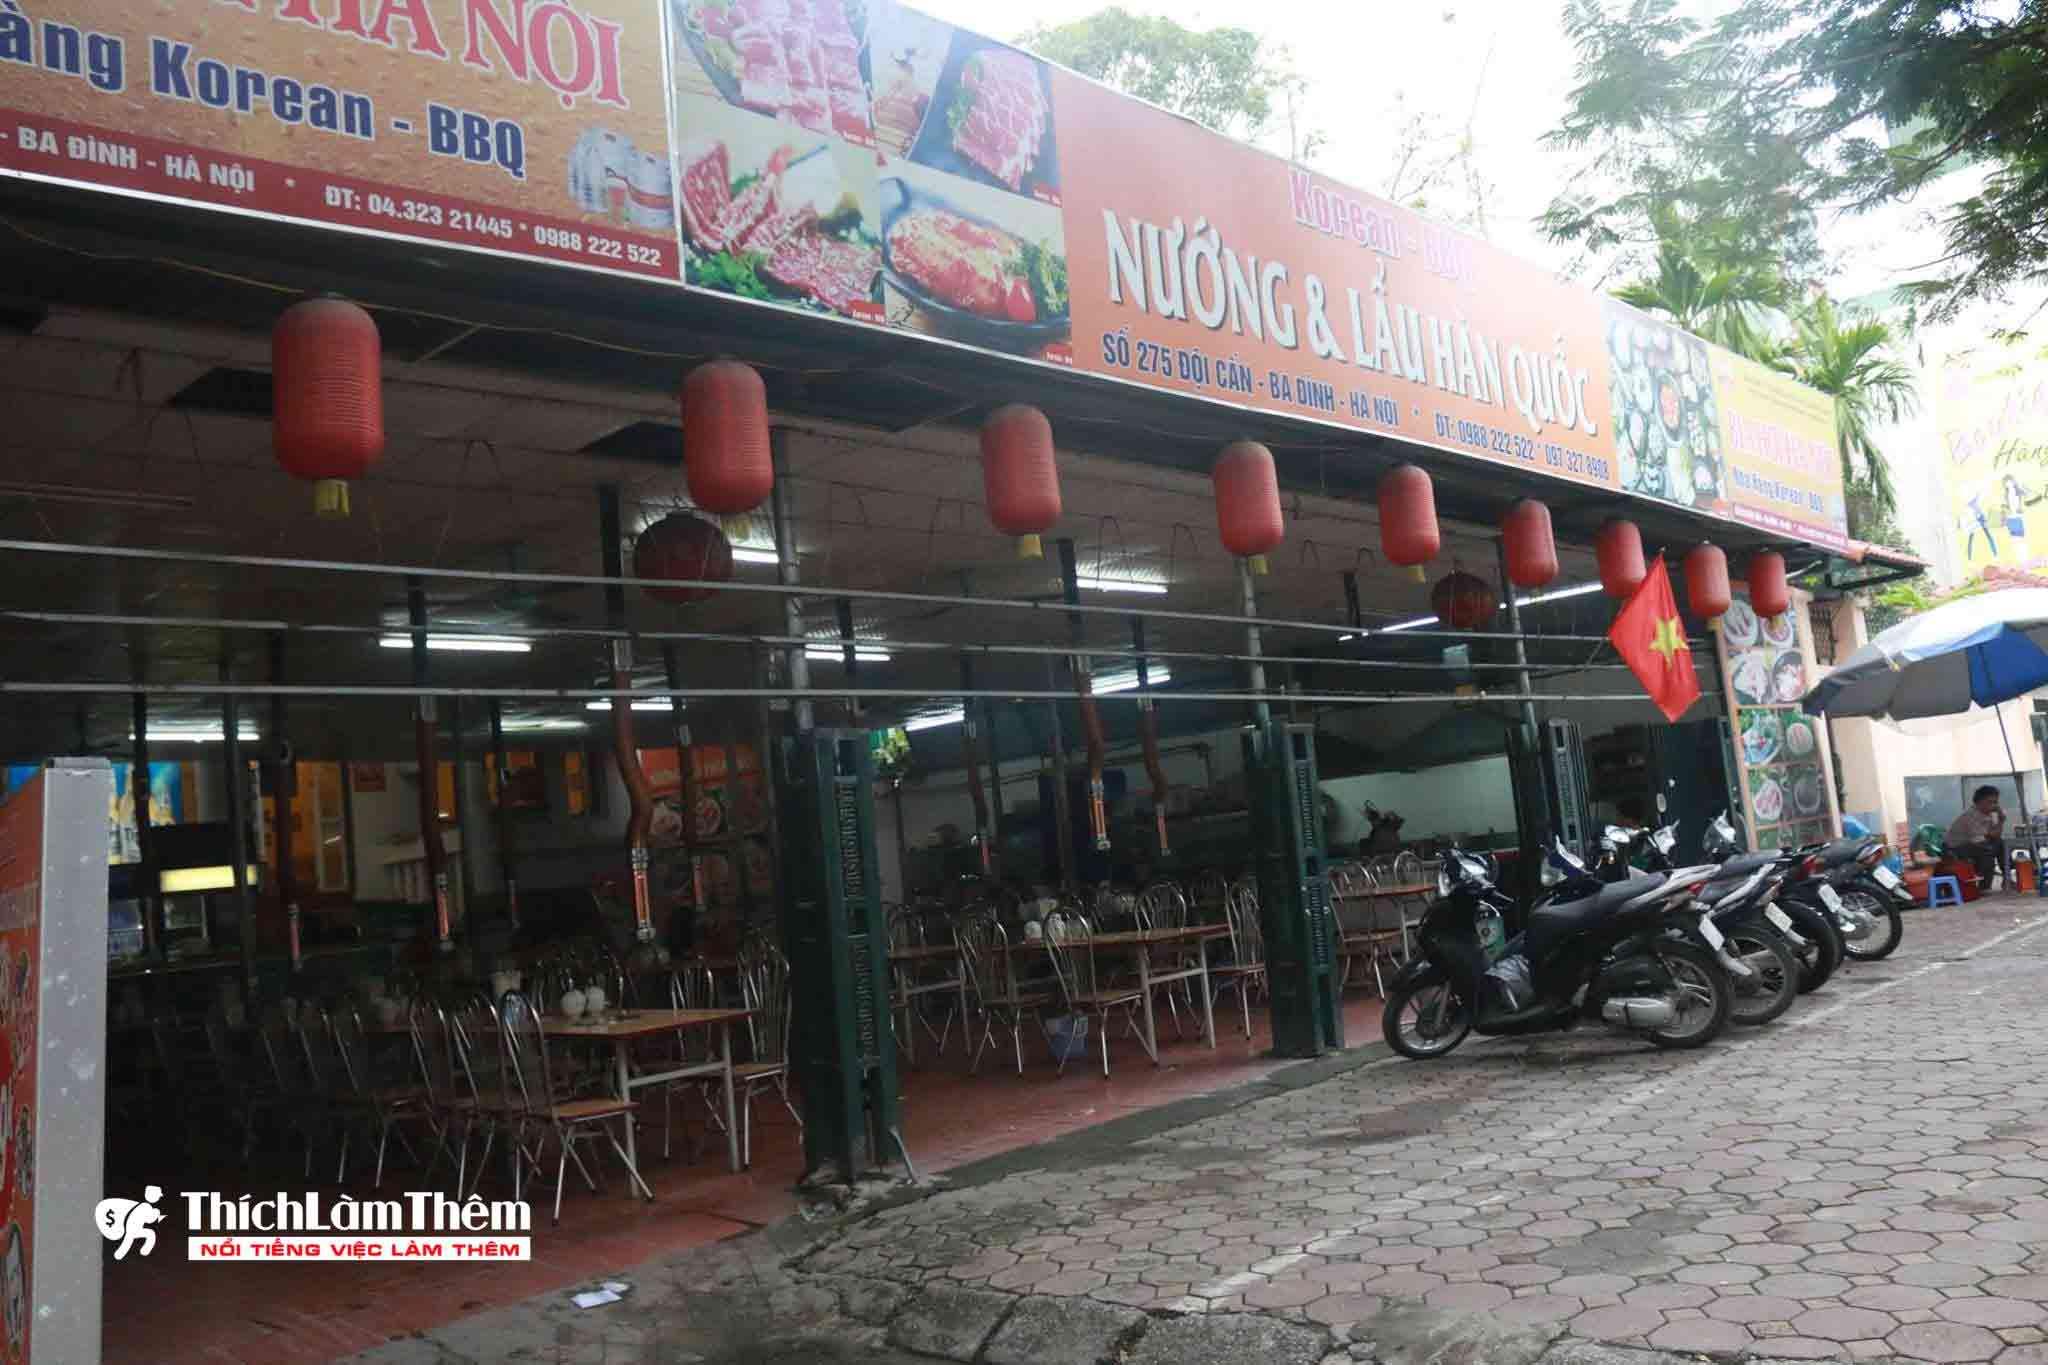 Tuyển nhân viên phục vụ – Nhà hàng Korean BBQ